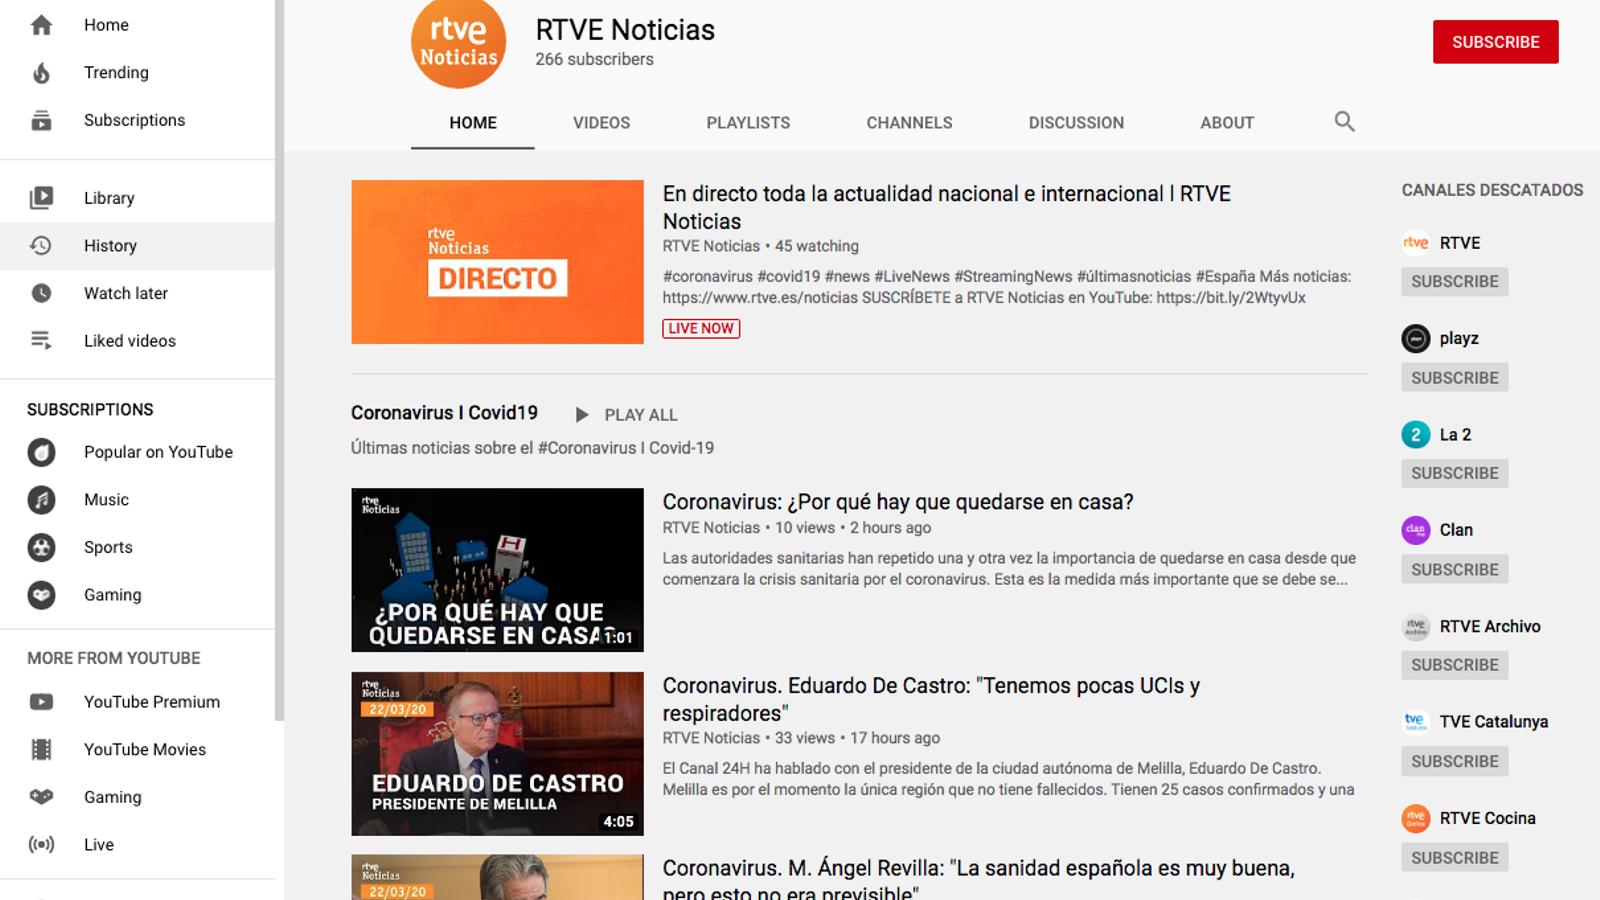 RTVE Noticias és el nou canal informatiu a Youtube de la televisió pública espanyola